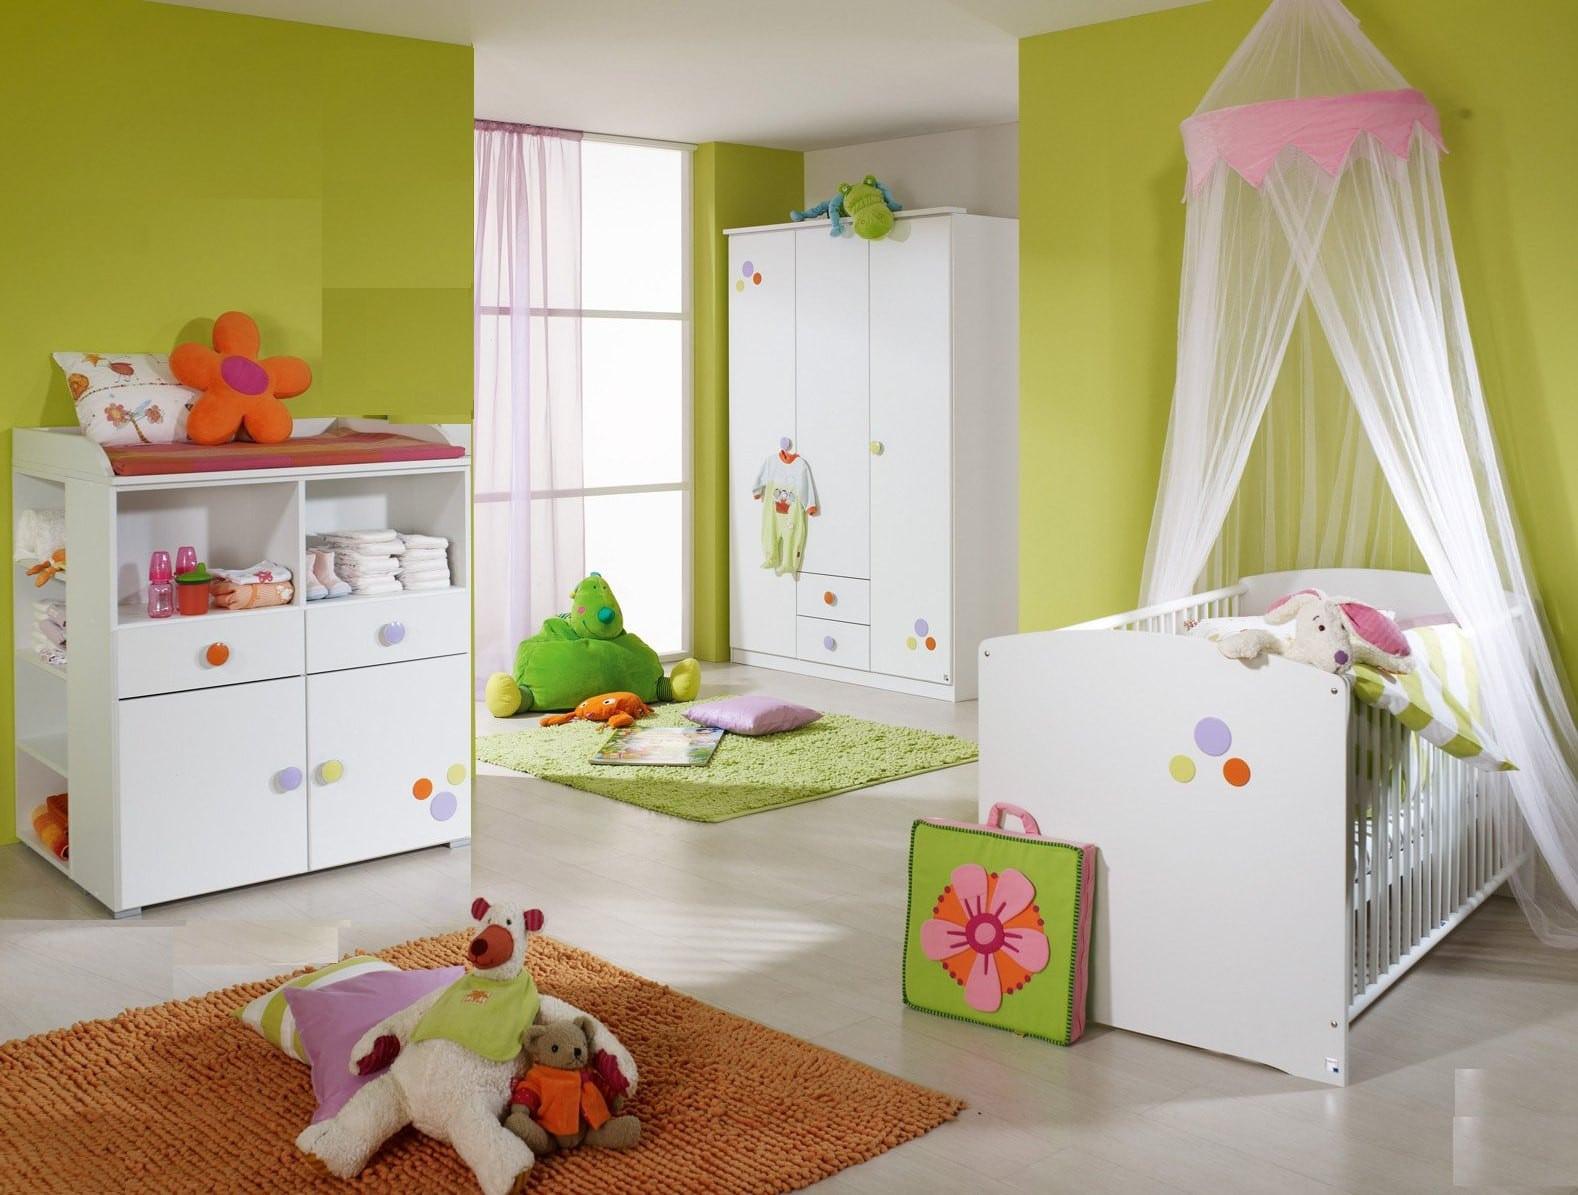 5331a814b9c56 Chambre bébé fille tunis - Modèle de tricot gratuit